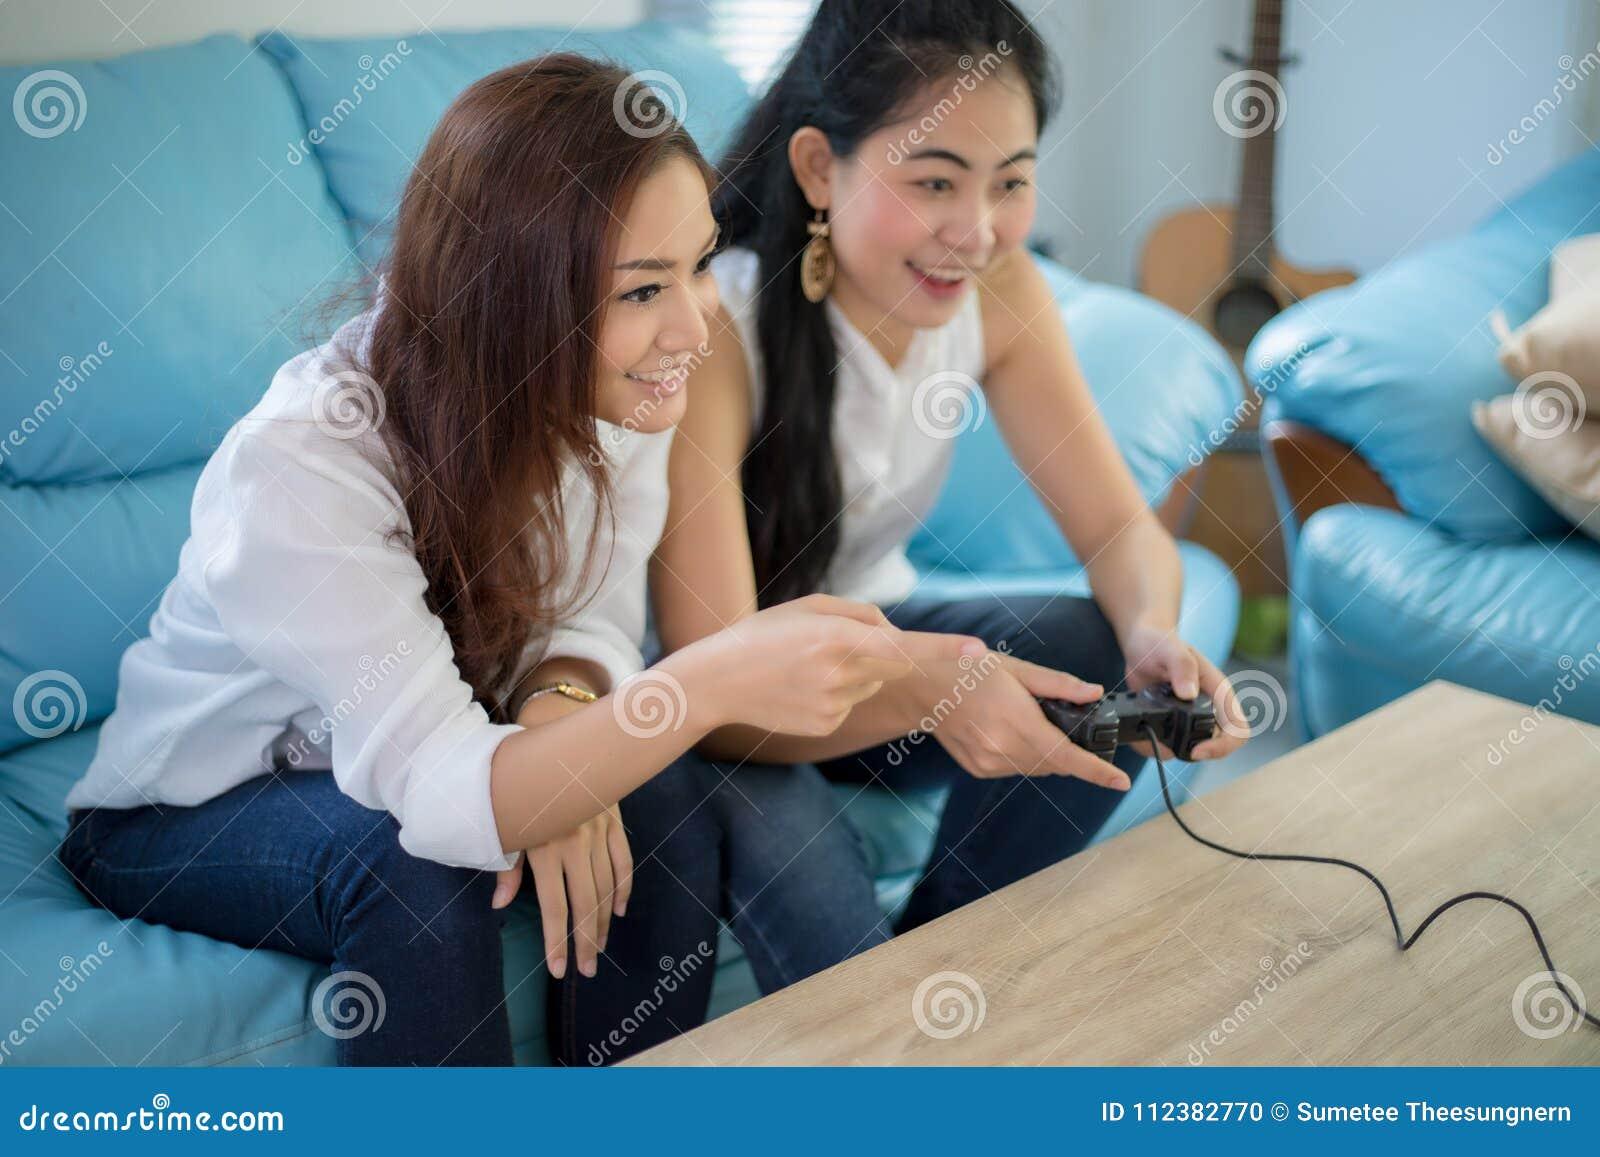 Δύο ανταγωνιστικοί φίλοι γυναικών που παίζουν τα τηλεοπτικά παιχνίδια και το συγκινημένο εκτάριο